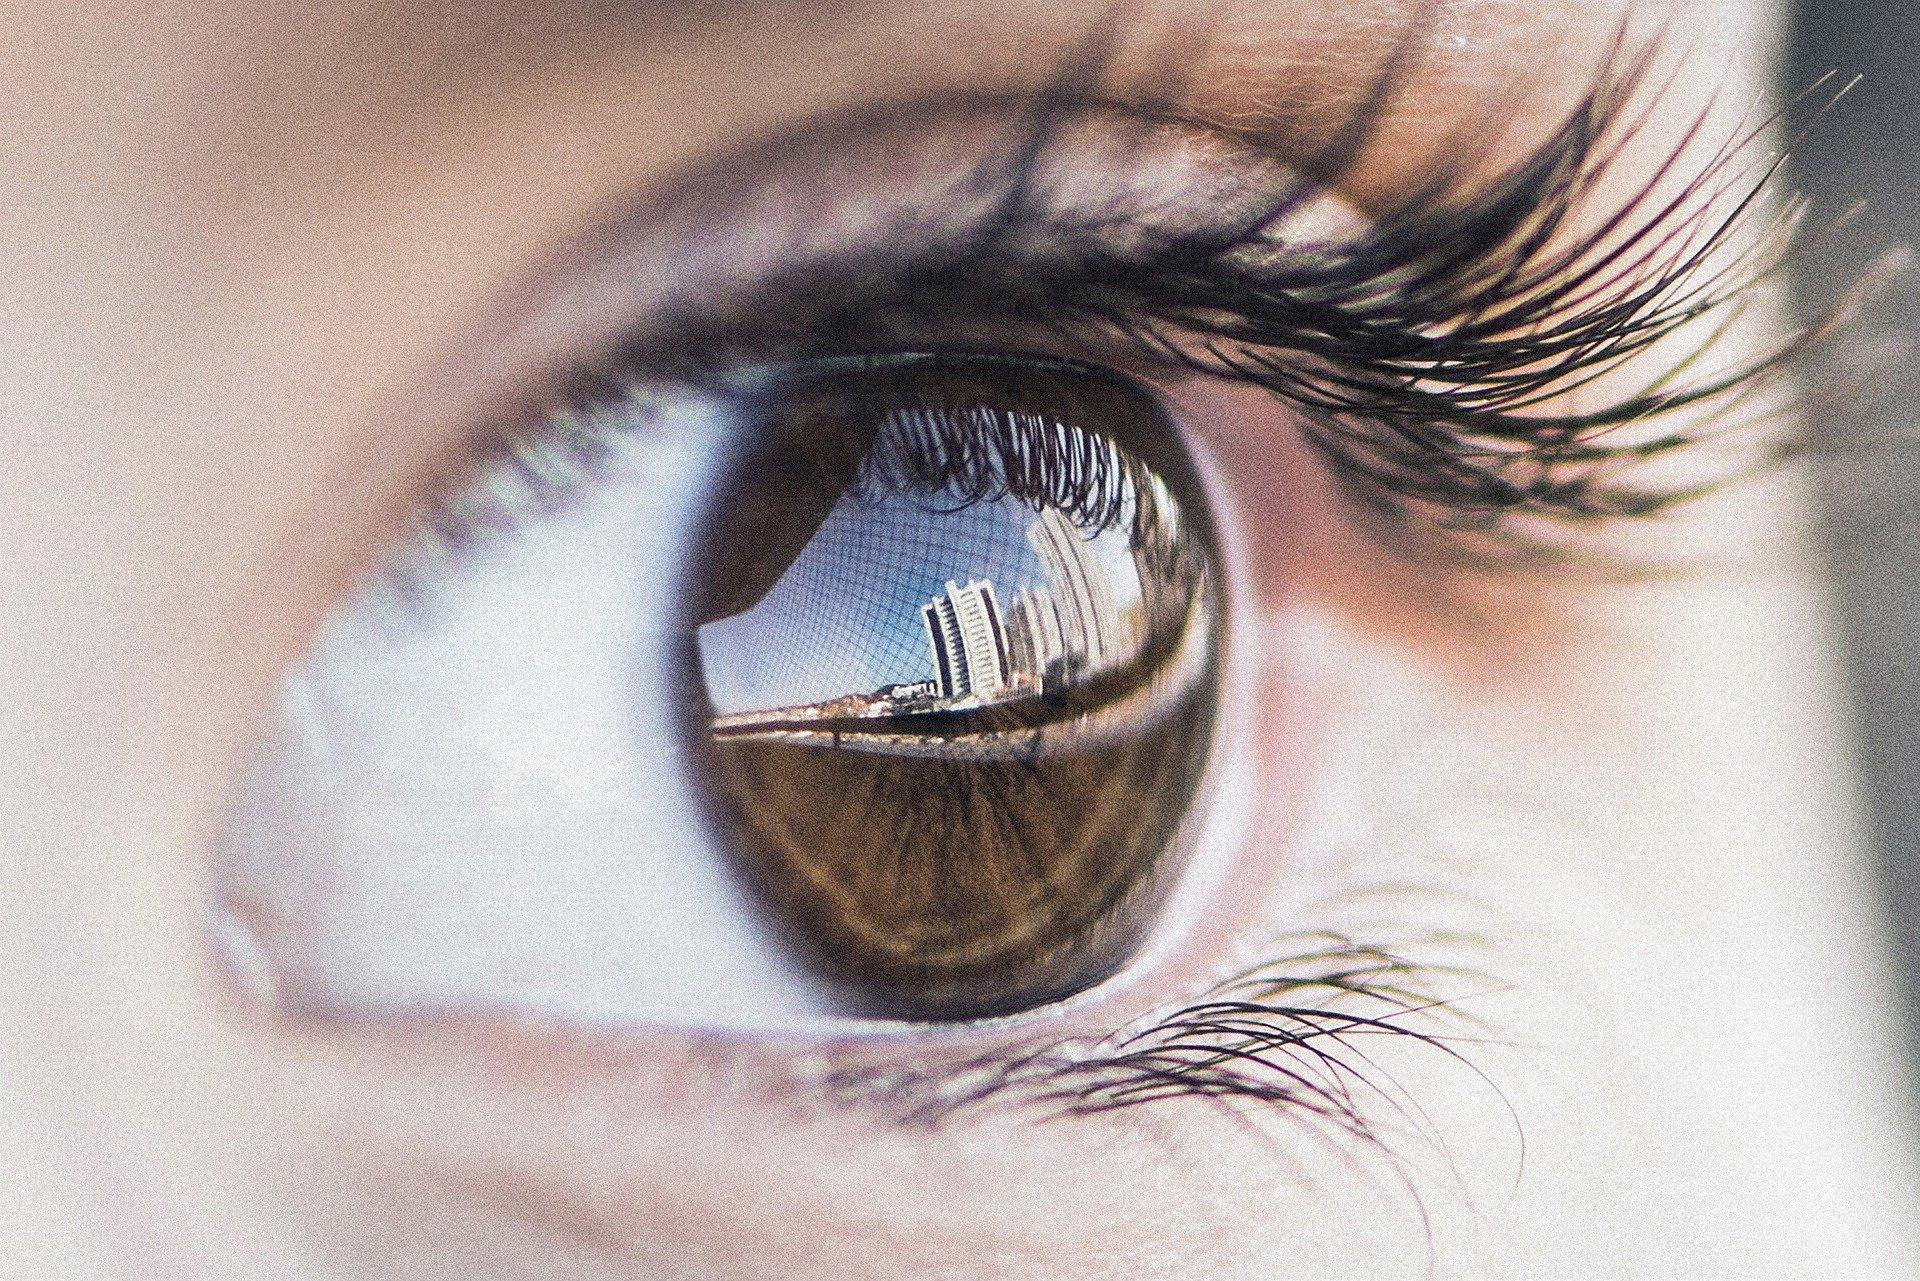 Китайские учёные создали искусственный глаз, сопоставимый похарактеристикам счеловеческим